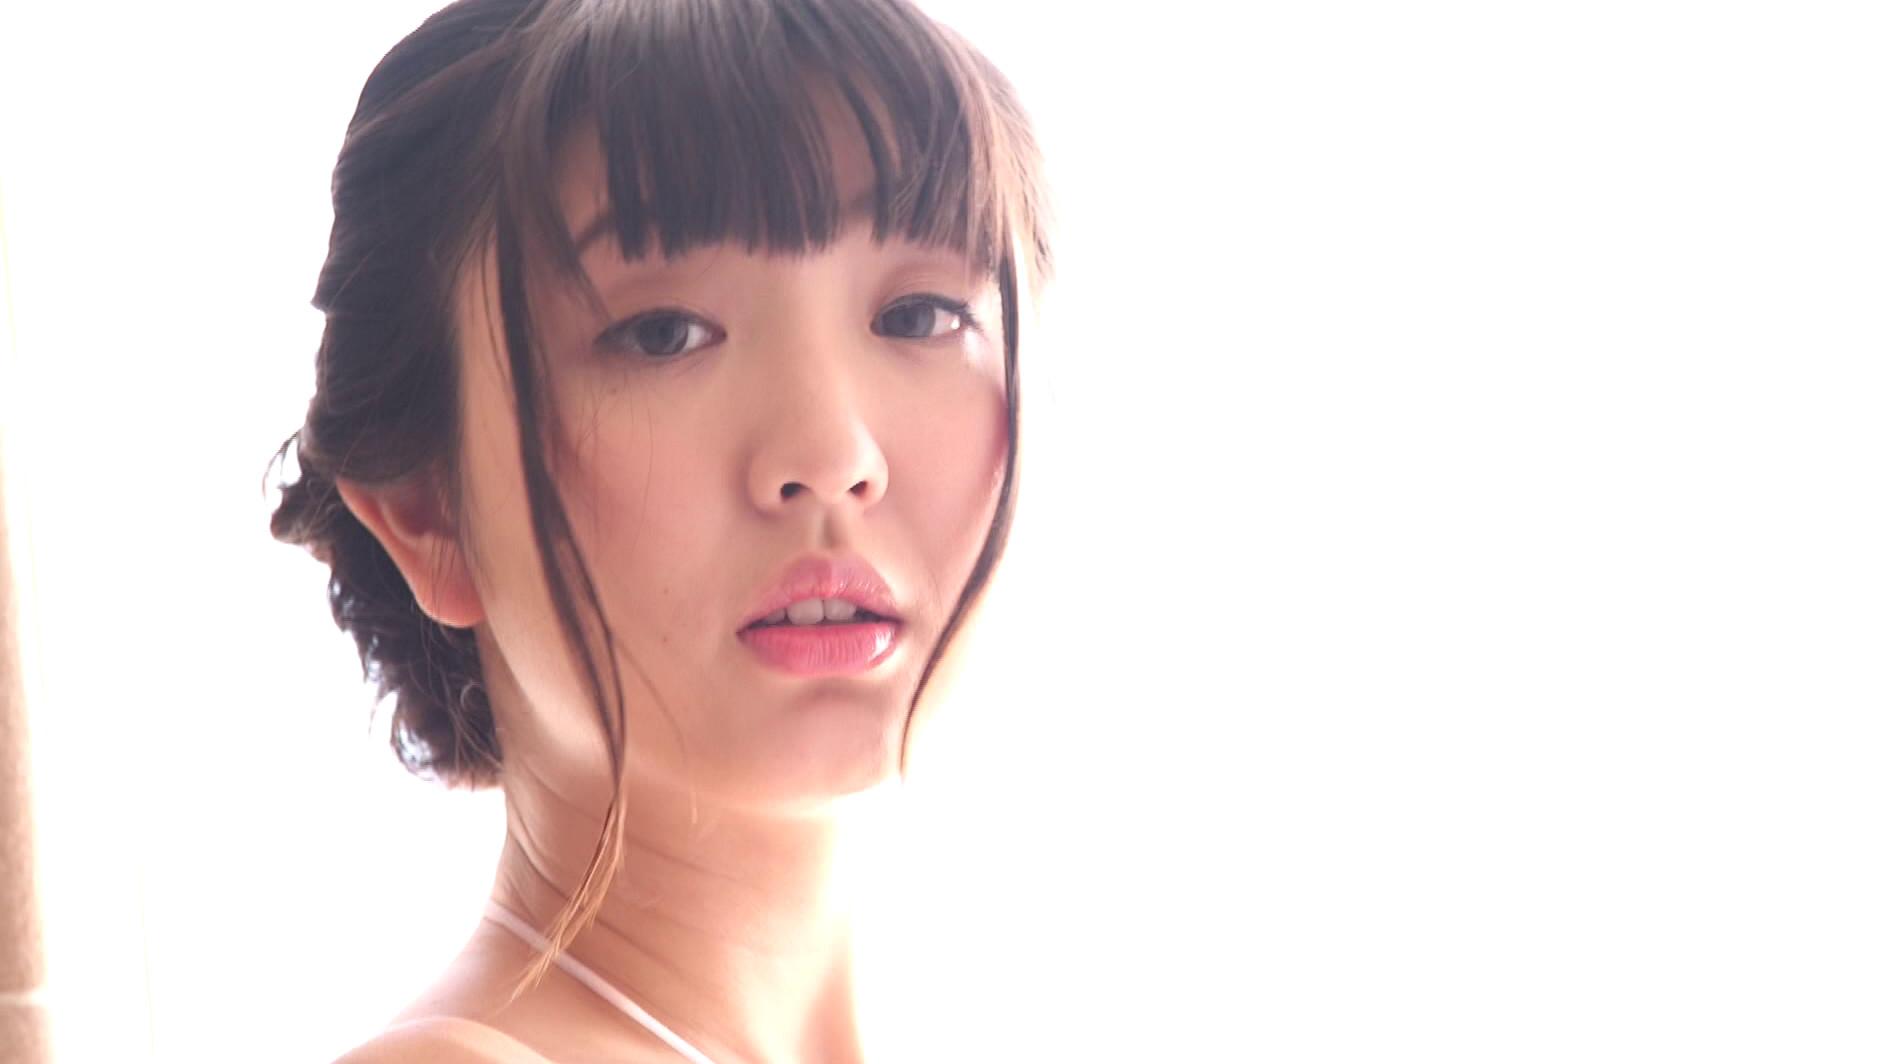 柔肌によせて 椎名香奈江10